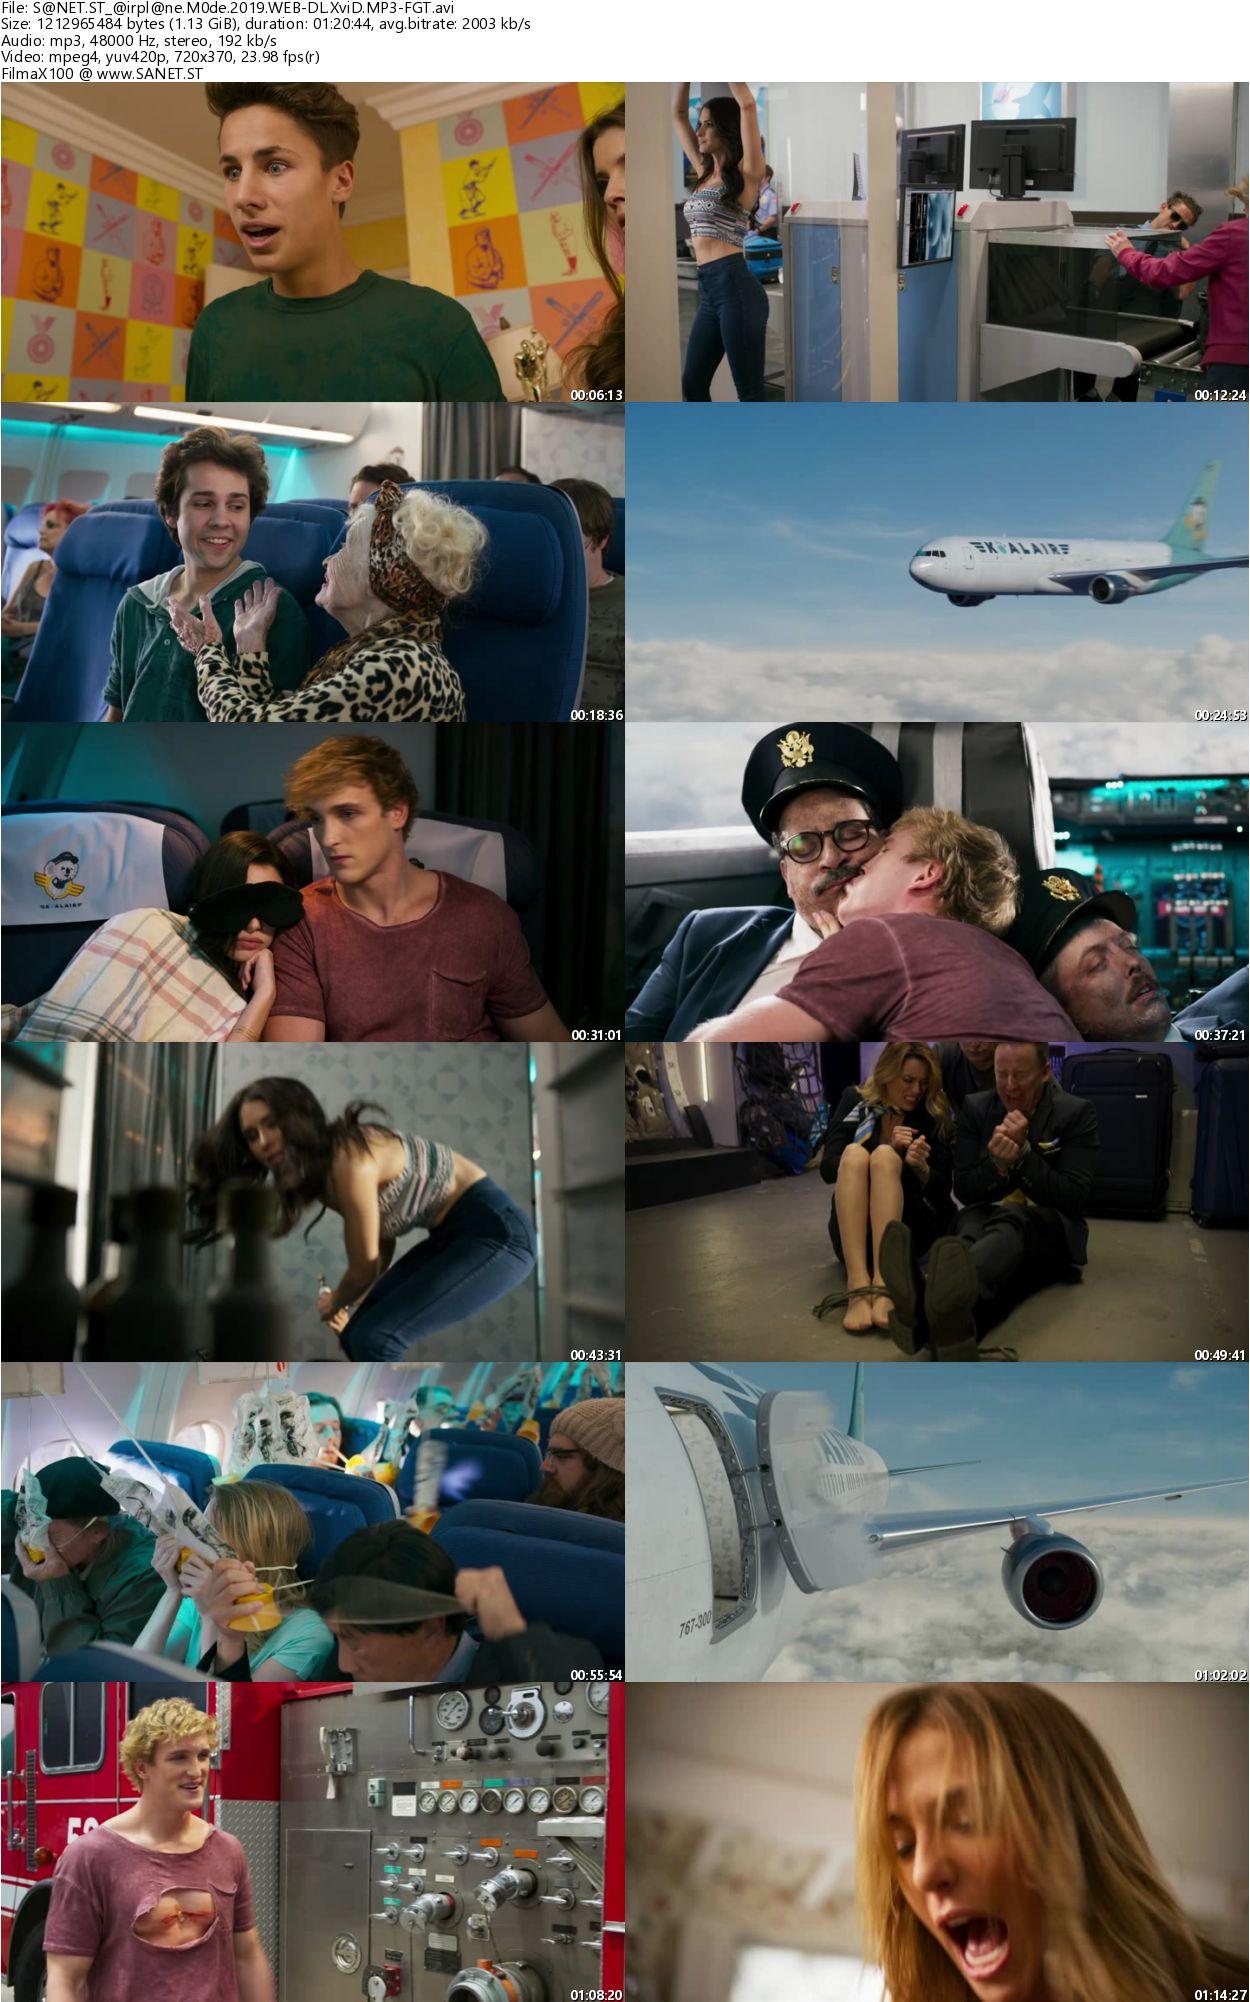 Amanda cerny airplane mode